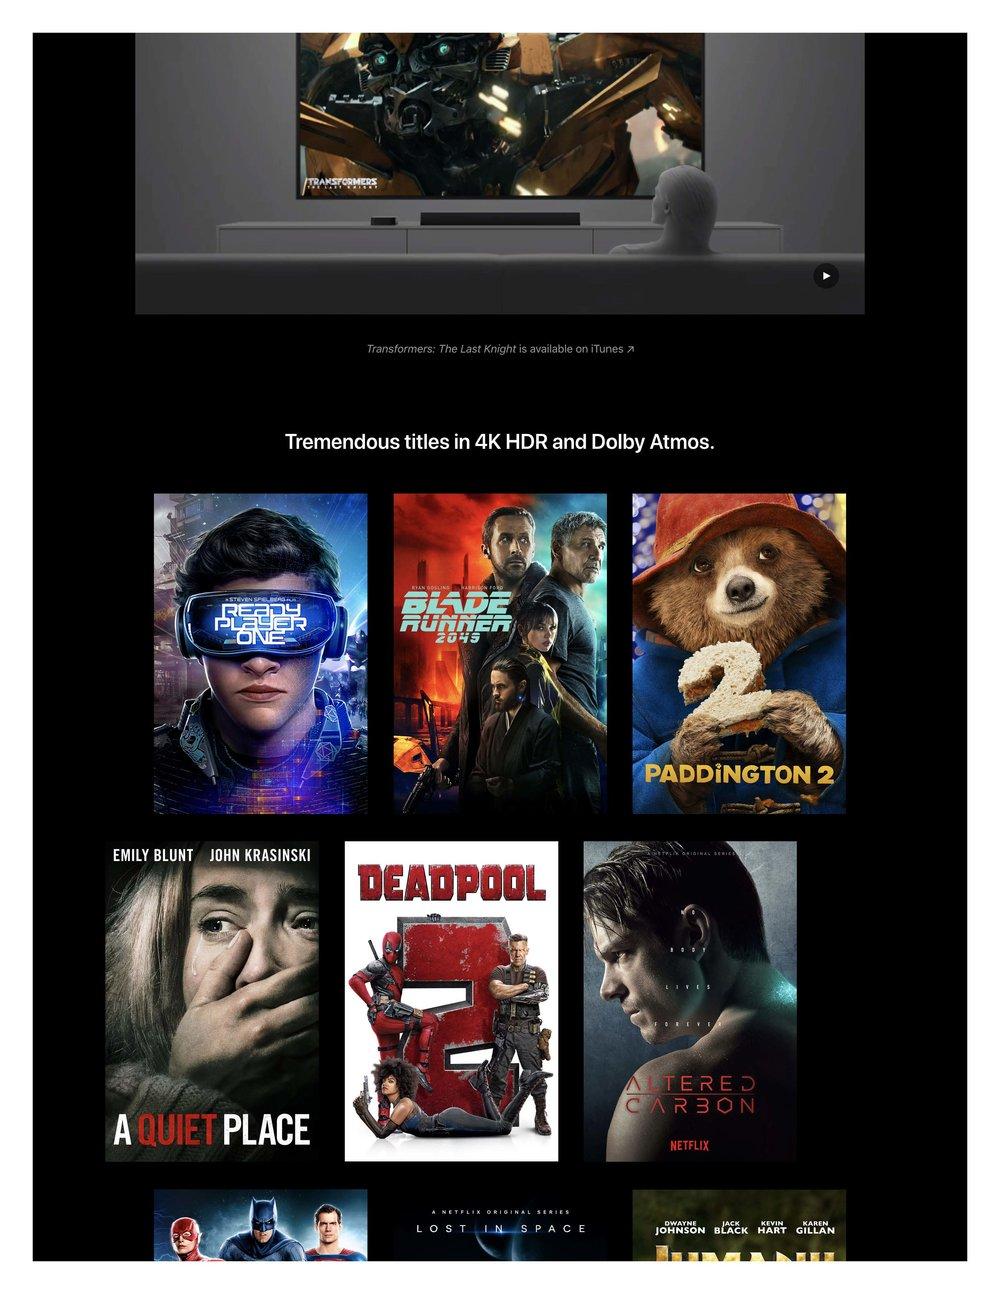 screencapture-apple-apple-tv-4k-2019-03-10-11_23_26_Page_03.jpg